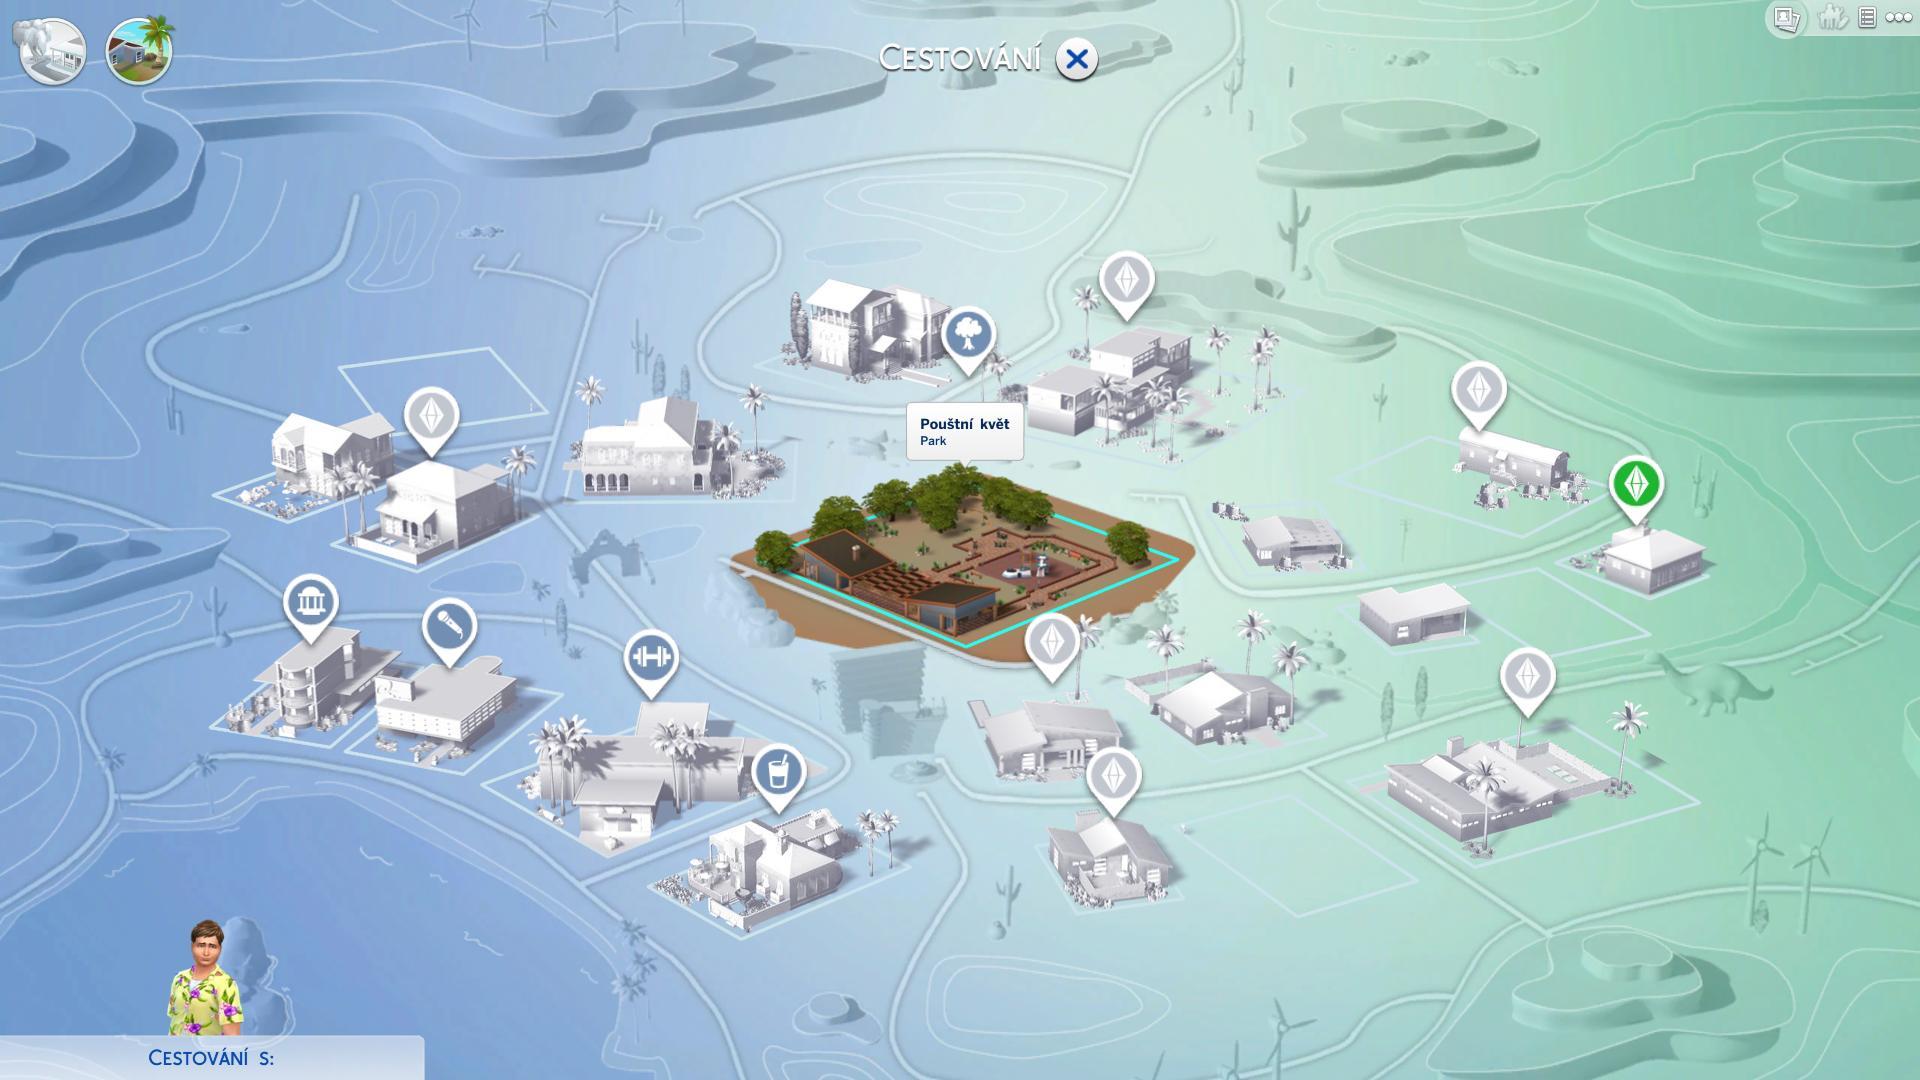 Recenze The Sims 4 - Ve stínu loadingu 9446